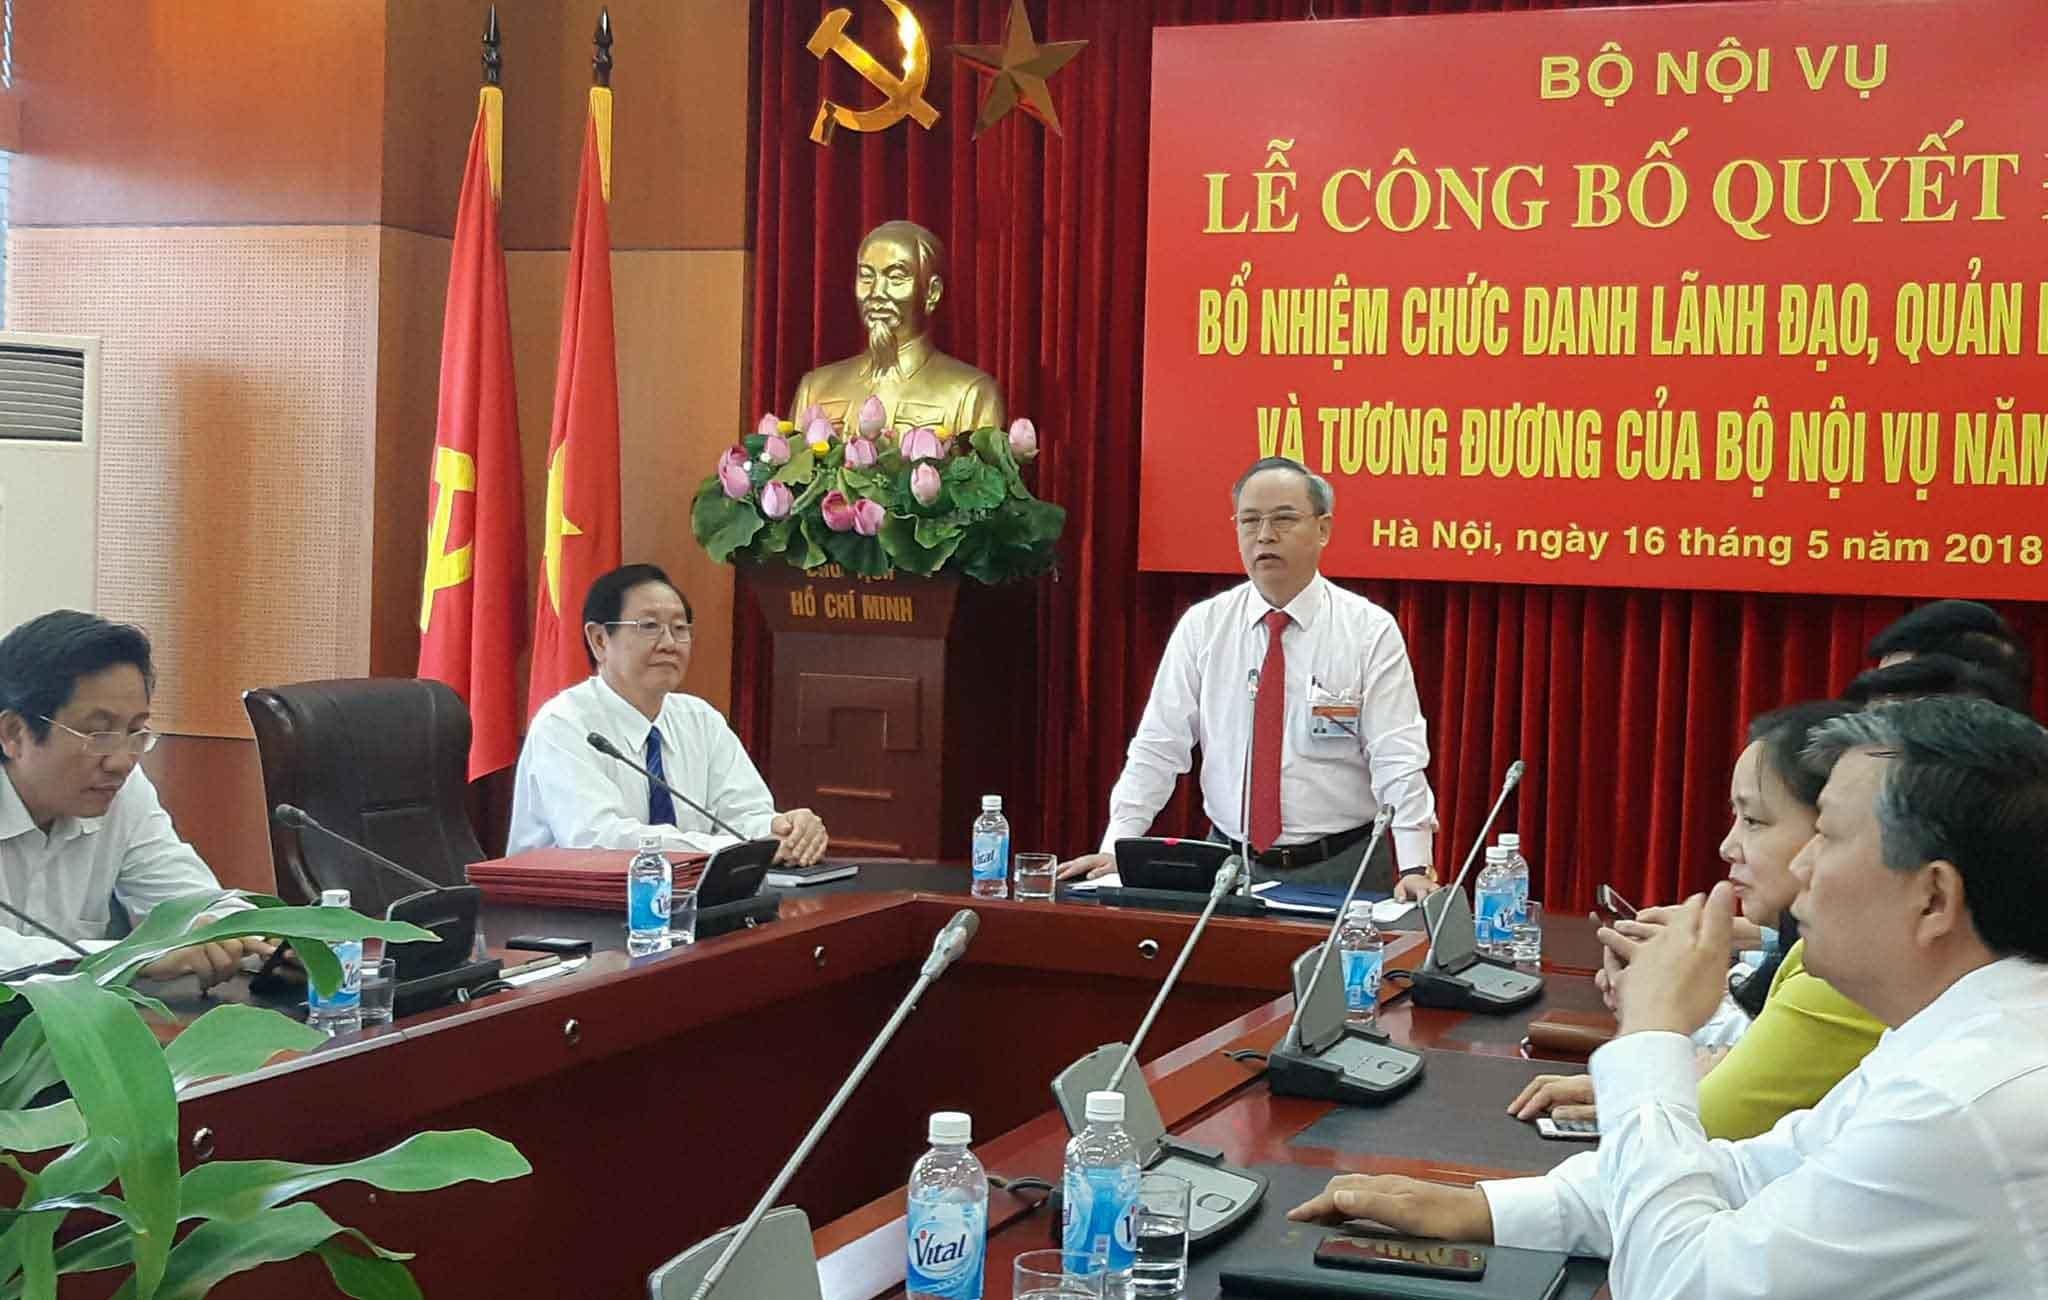 Bộ Nội vụ,thi tuyển lãnh đạo,Bộ trưởng Nội vụ,Lê Vĩnh Tân